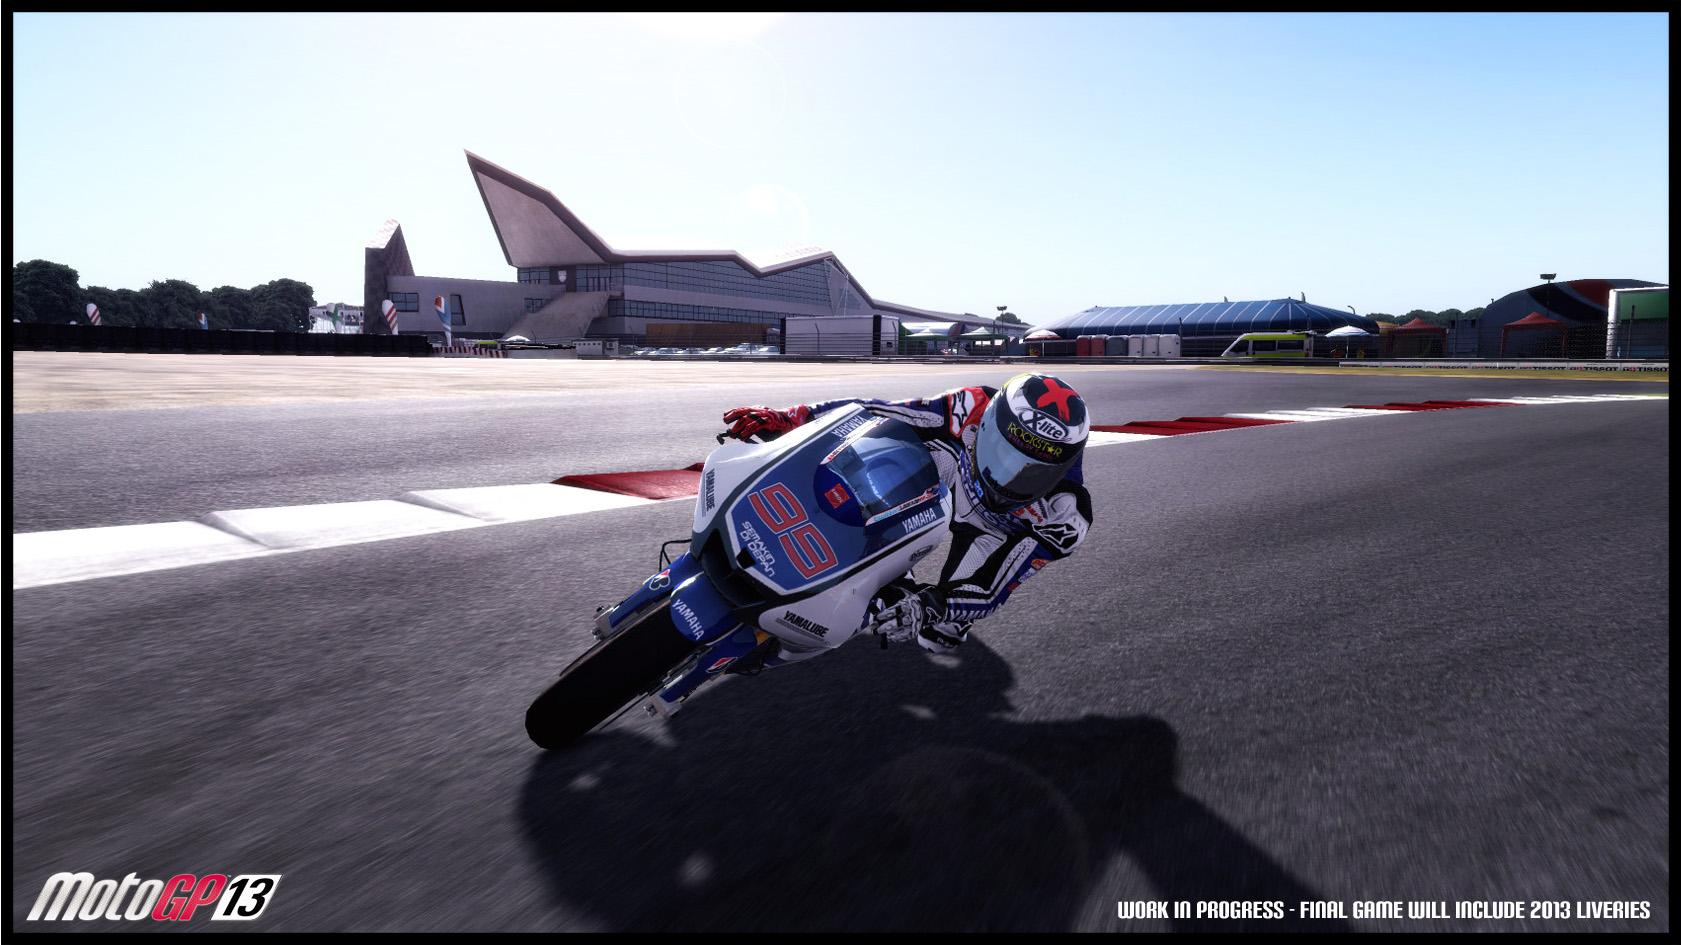 Moto-GP-13-03052013